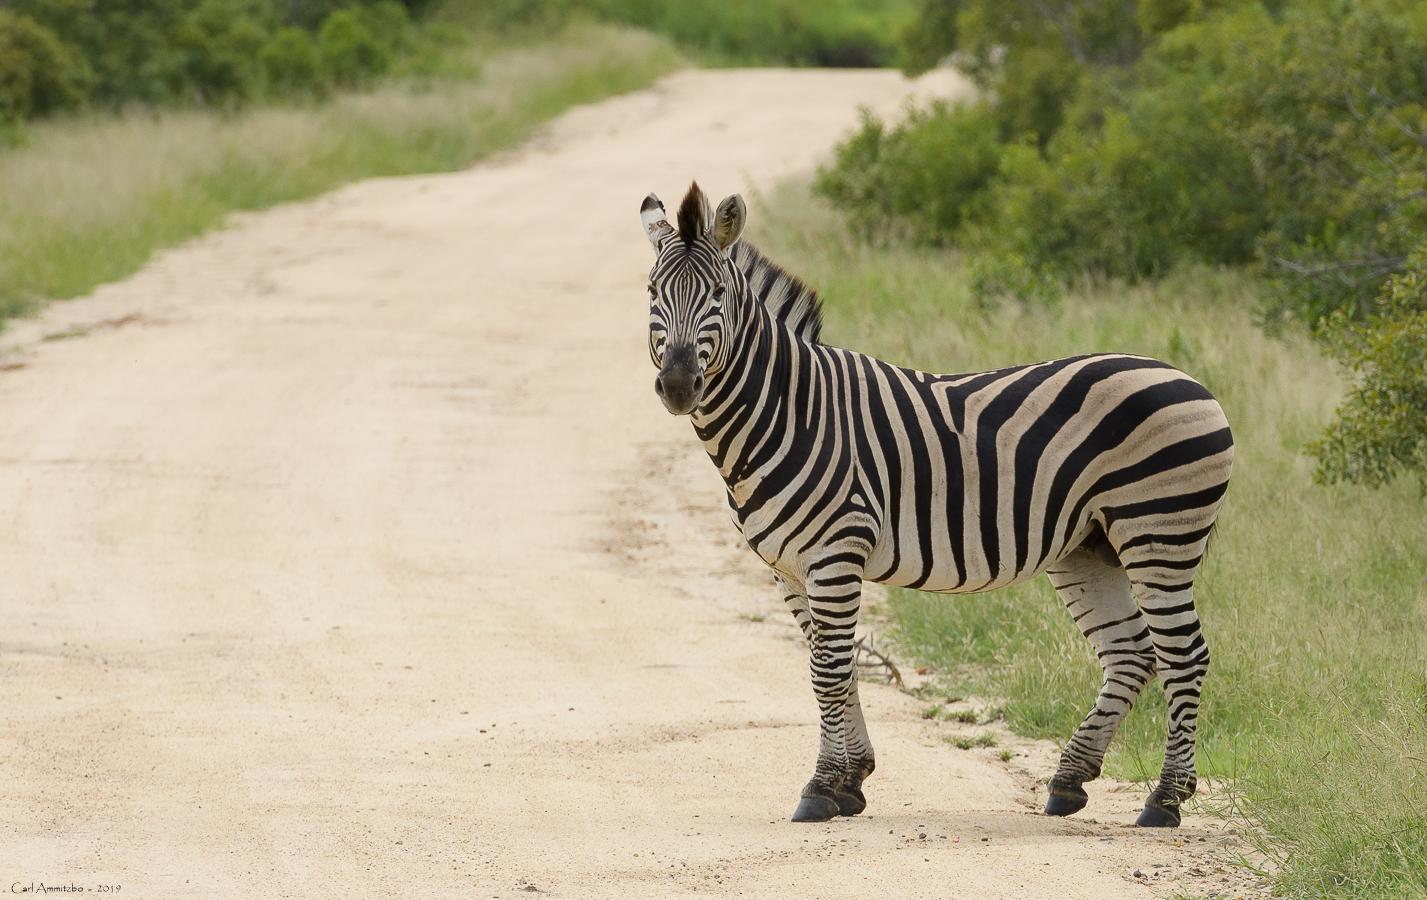 07 - 0218 - Zebra - 01 - Kruger